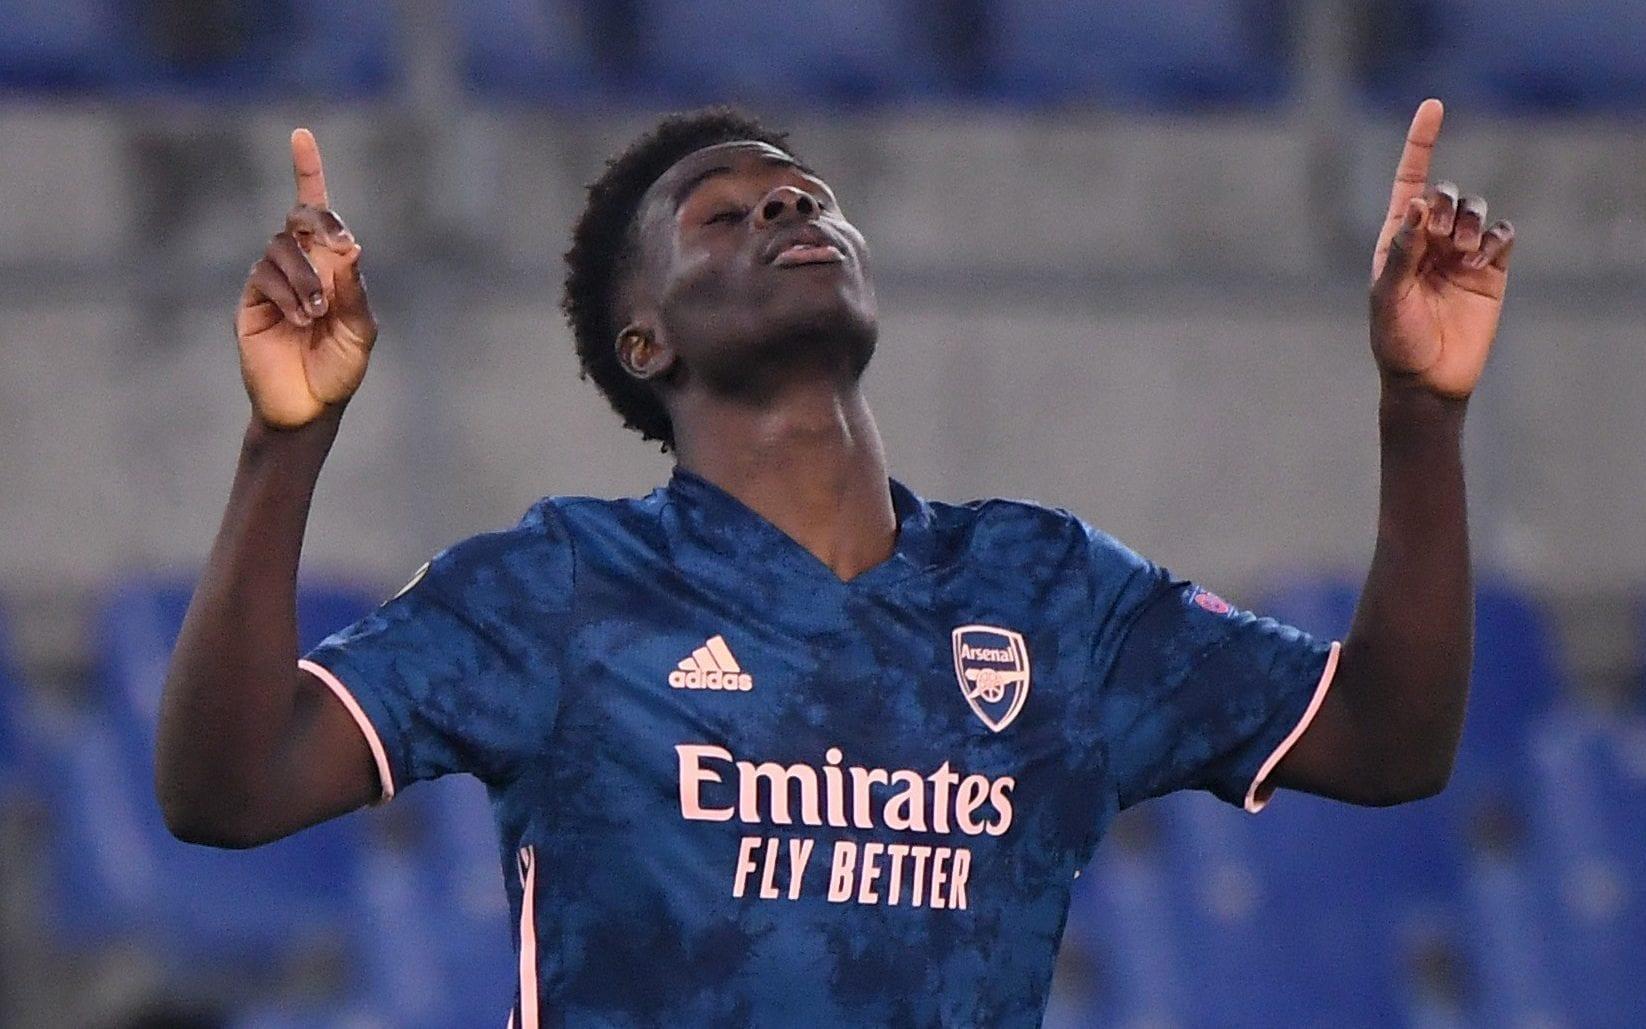 Arsenal wonderkid Bukayo Saka